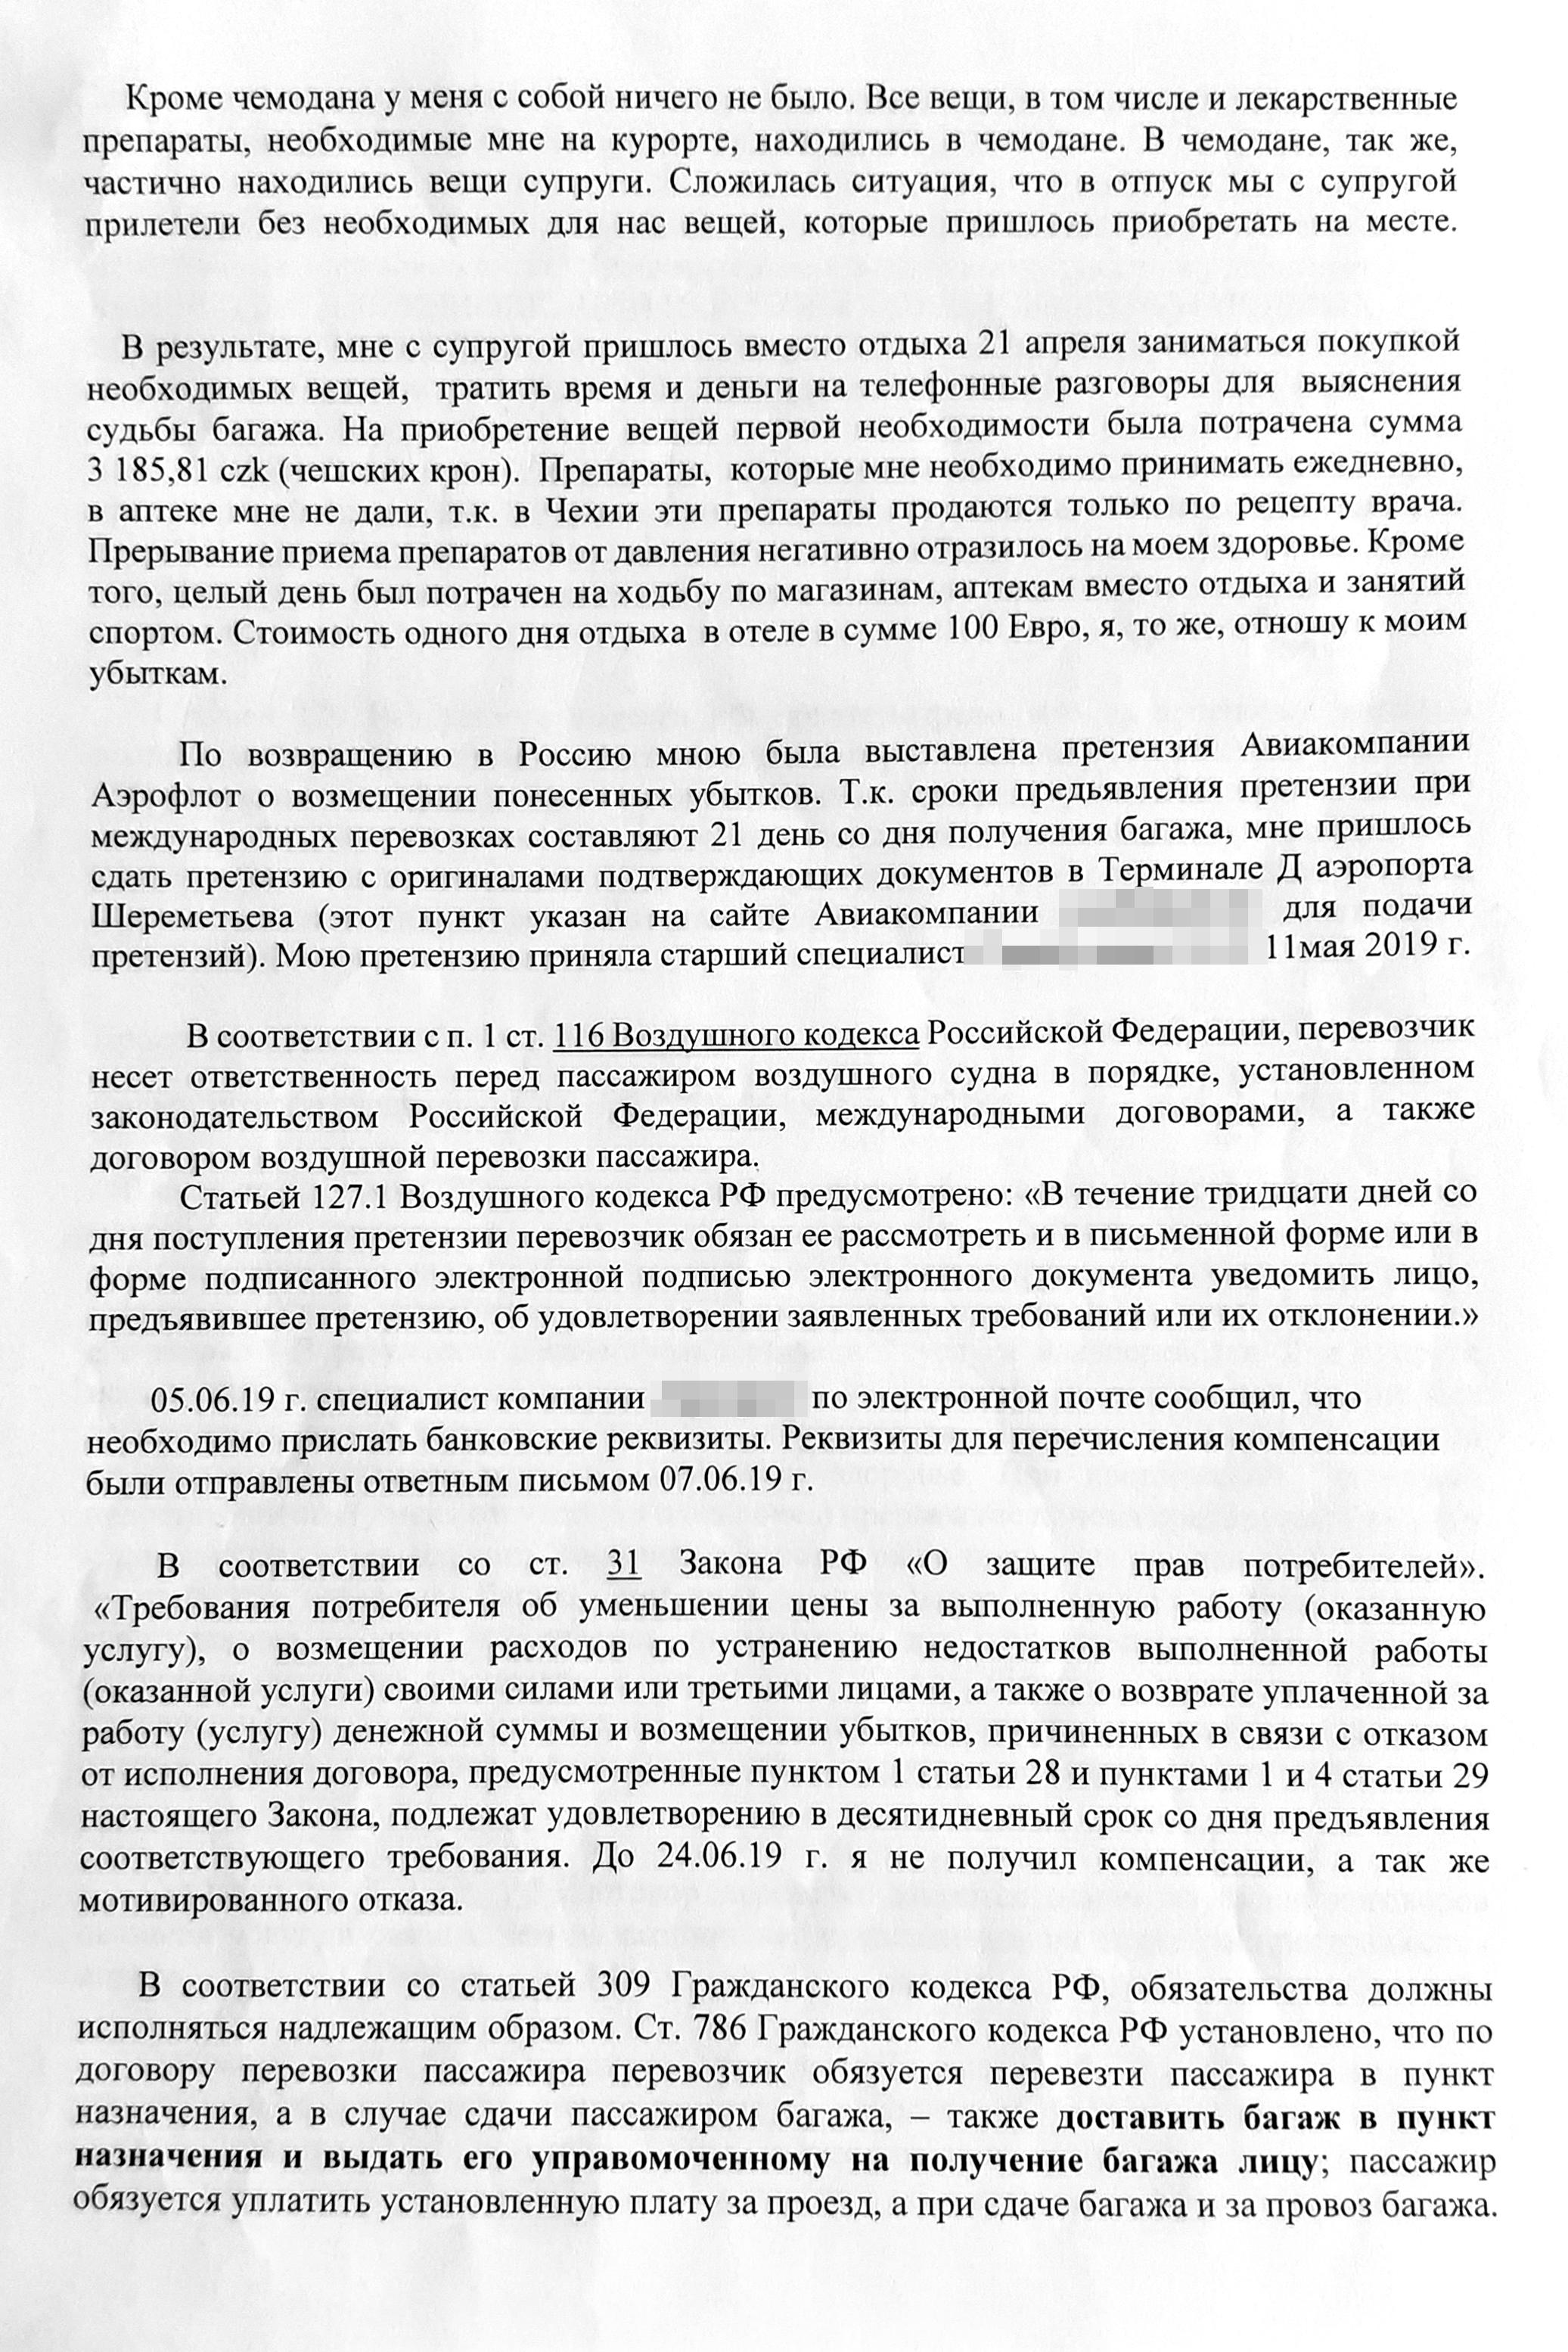 Иск Сергея к авиакомпании о компенсации за задержку багажа